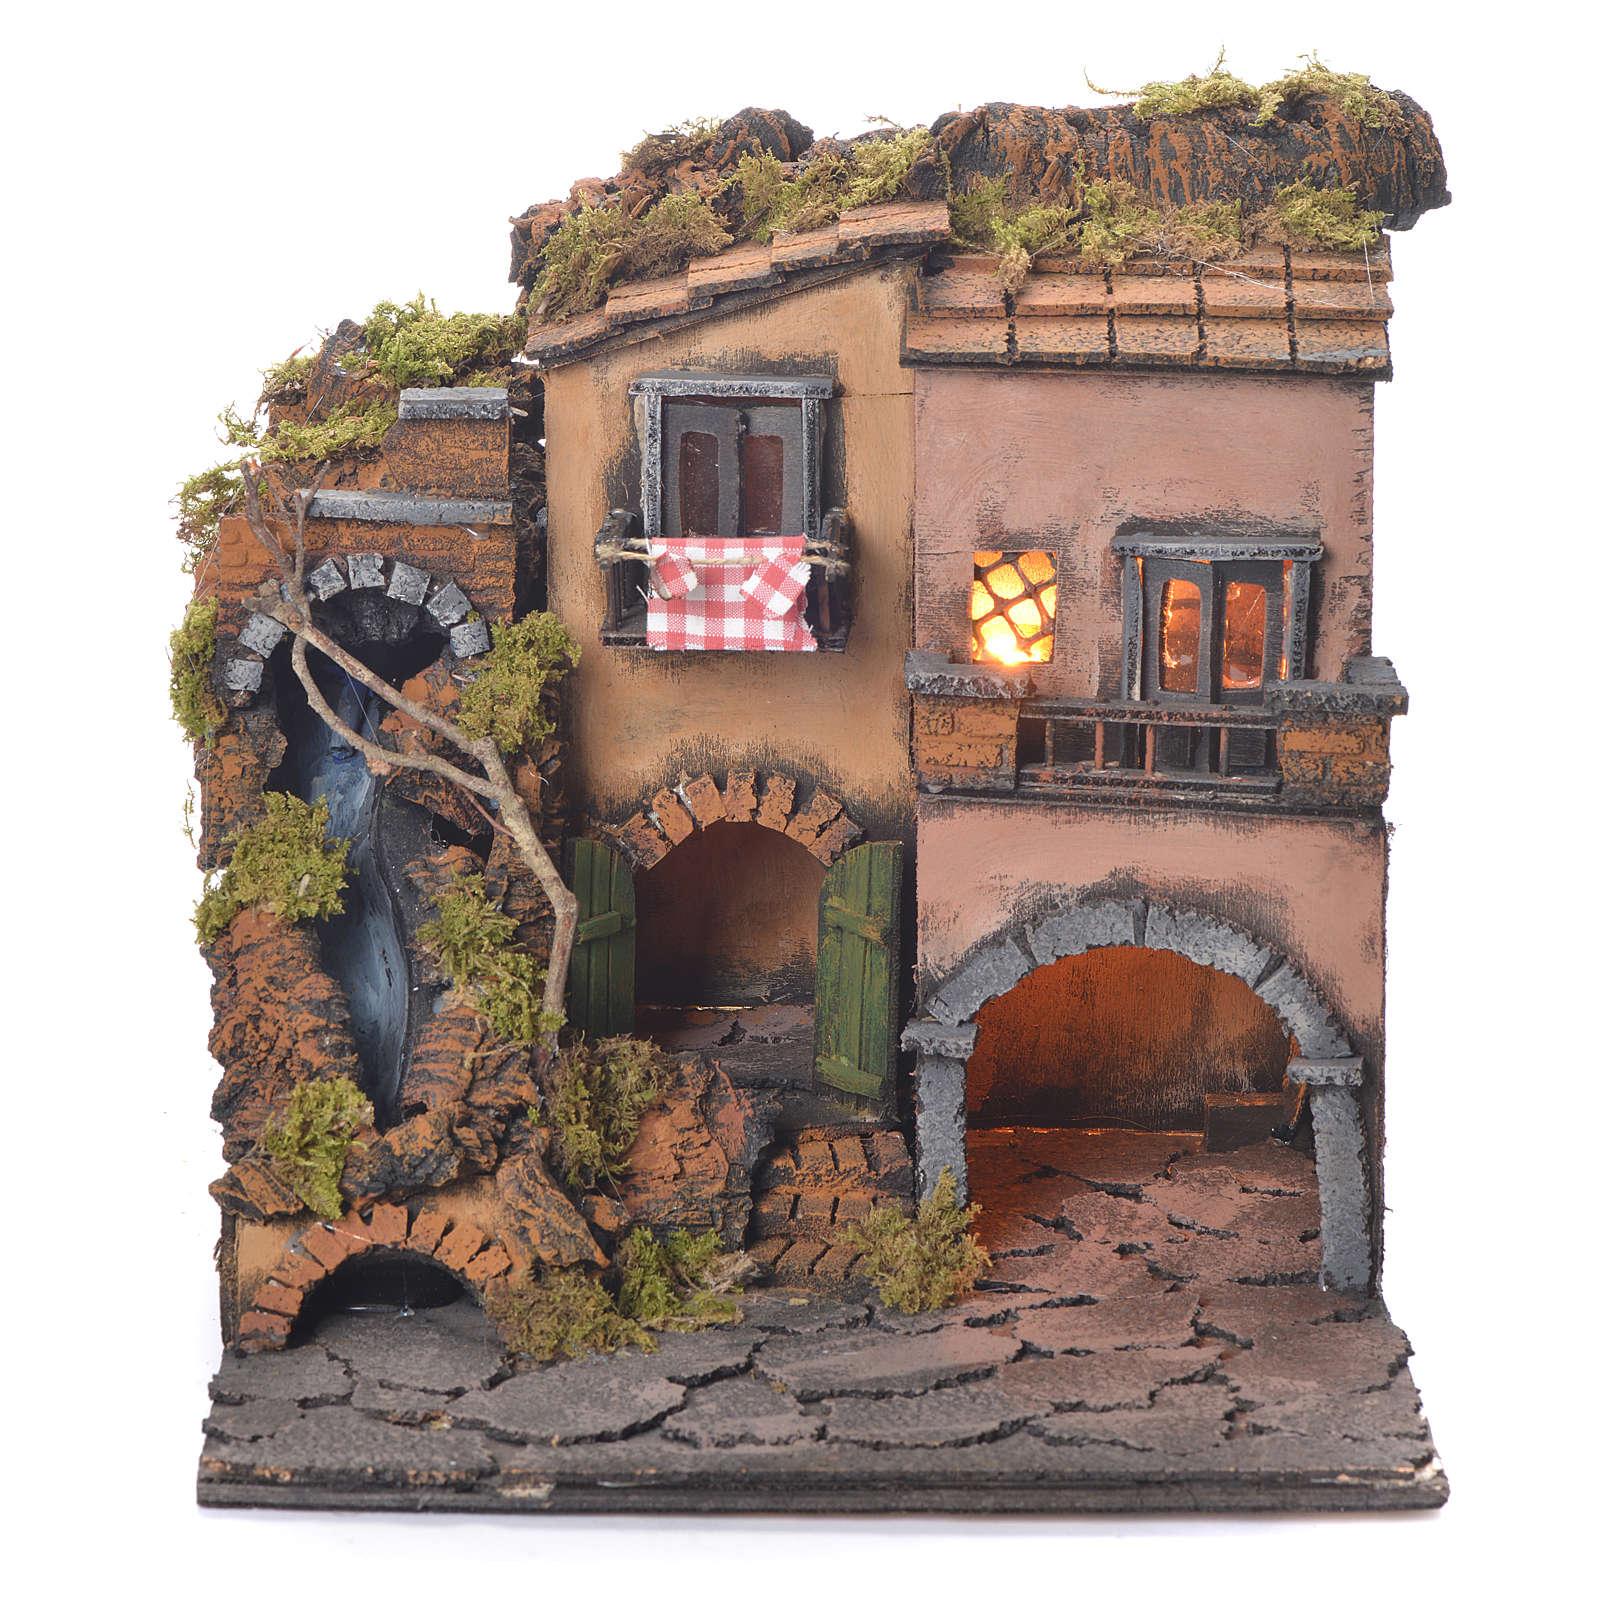 Pueblo presebre Napoli con cascada estilo 700 30x30x30 cm 4